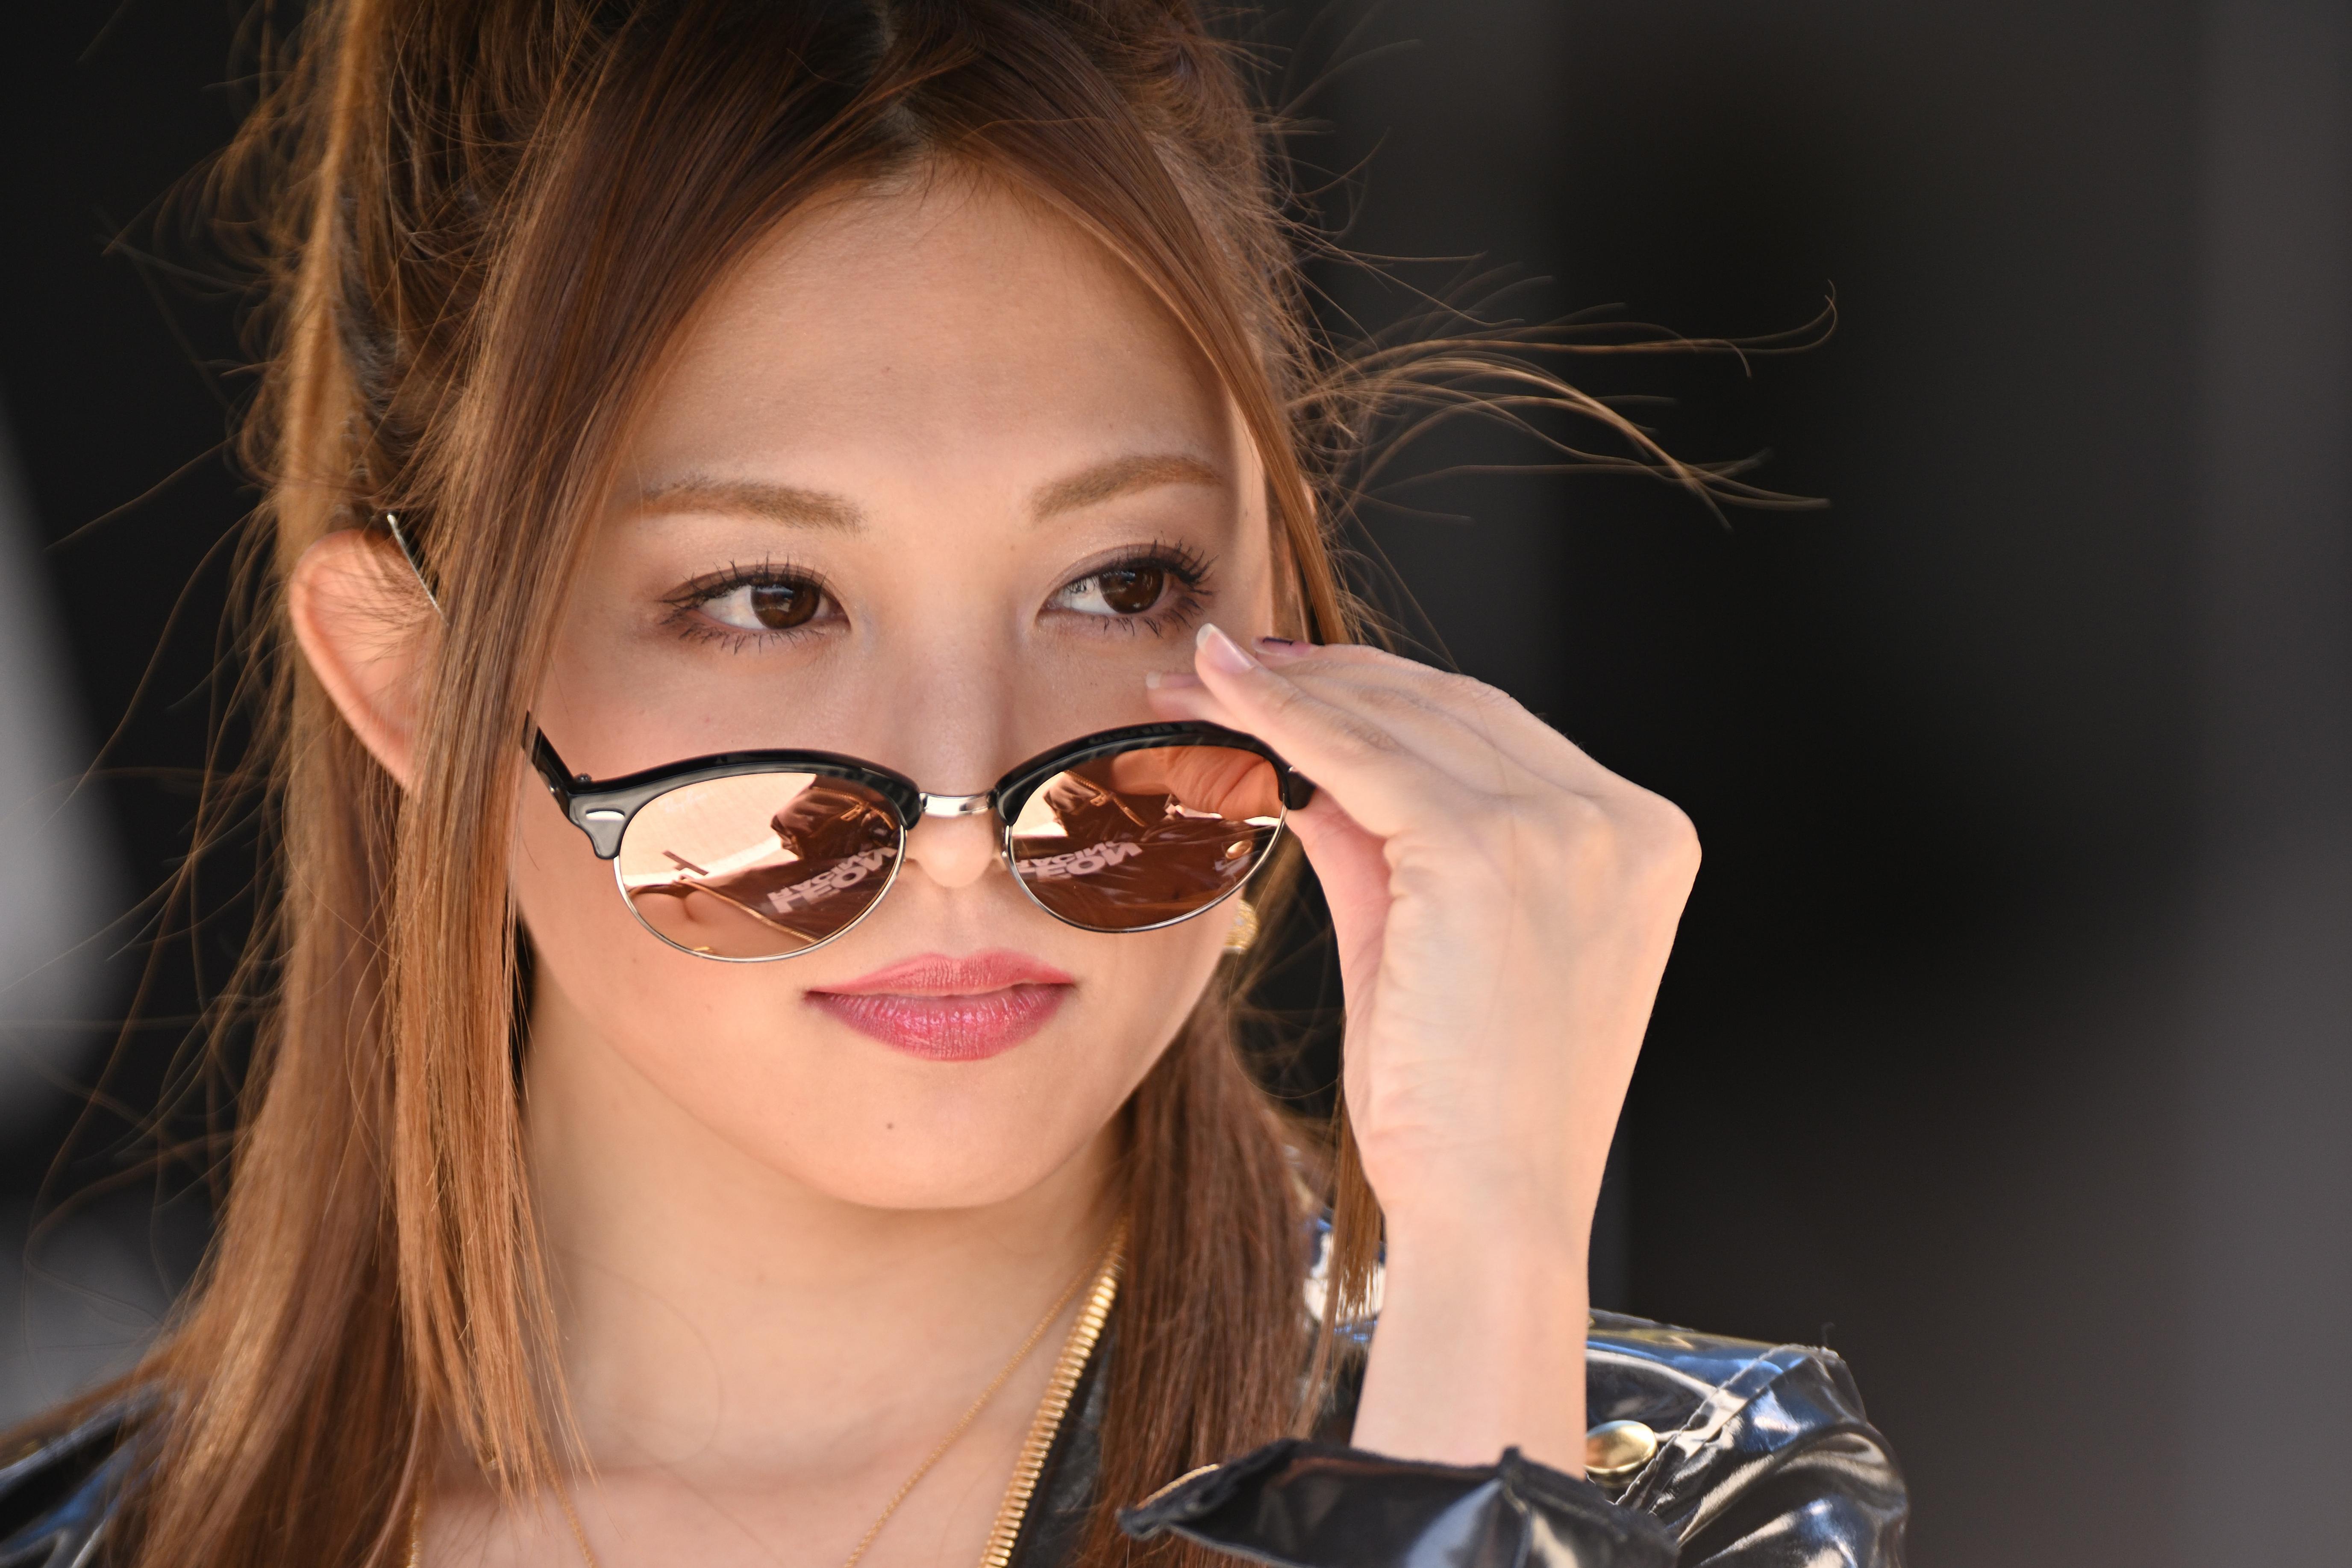 【顔抜き】女の顔面アップで抜く【高画質】 [無断転載禁止]©bbspink.comYouTube動画>1本 ->画像>104枚